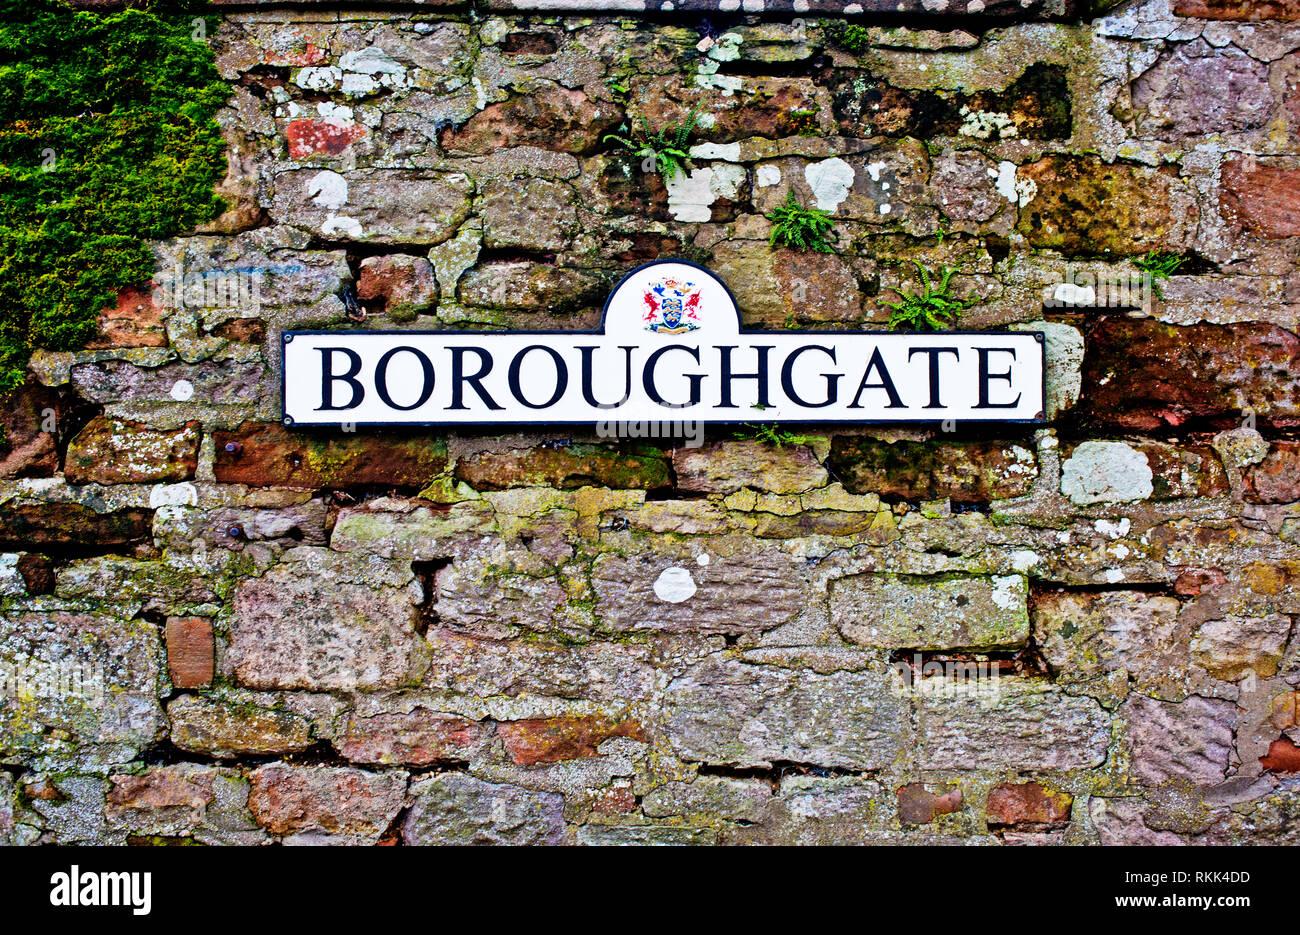 Boroughgate sign, Boroughgate, Appleby in Westmorland, Cumbria, England - Stock Image